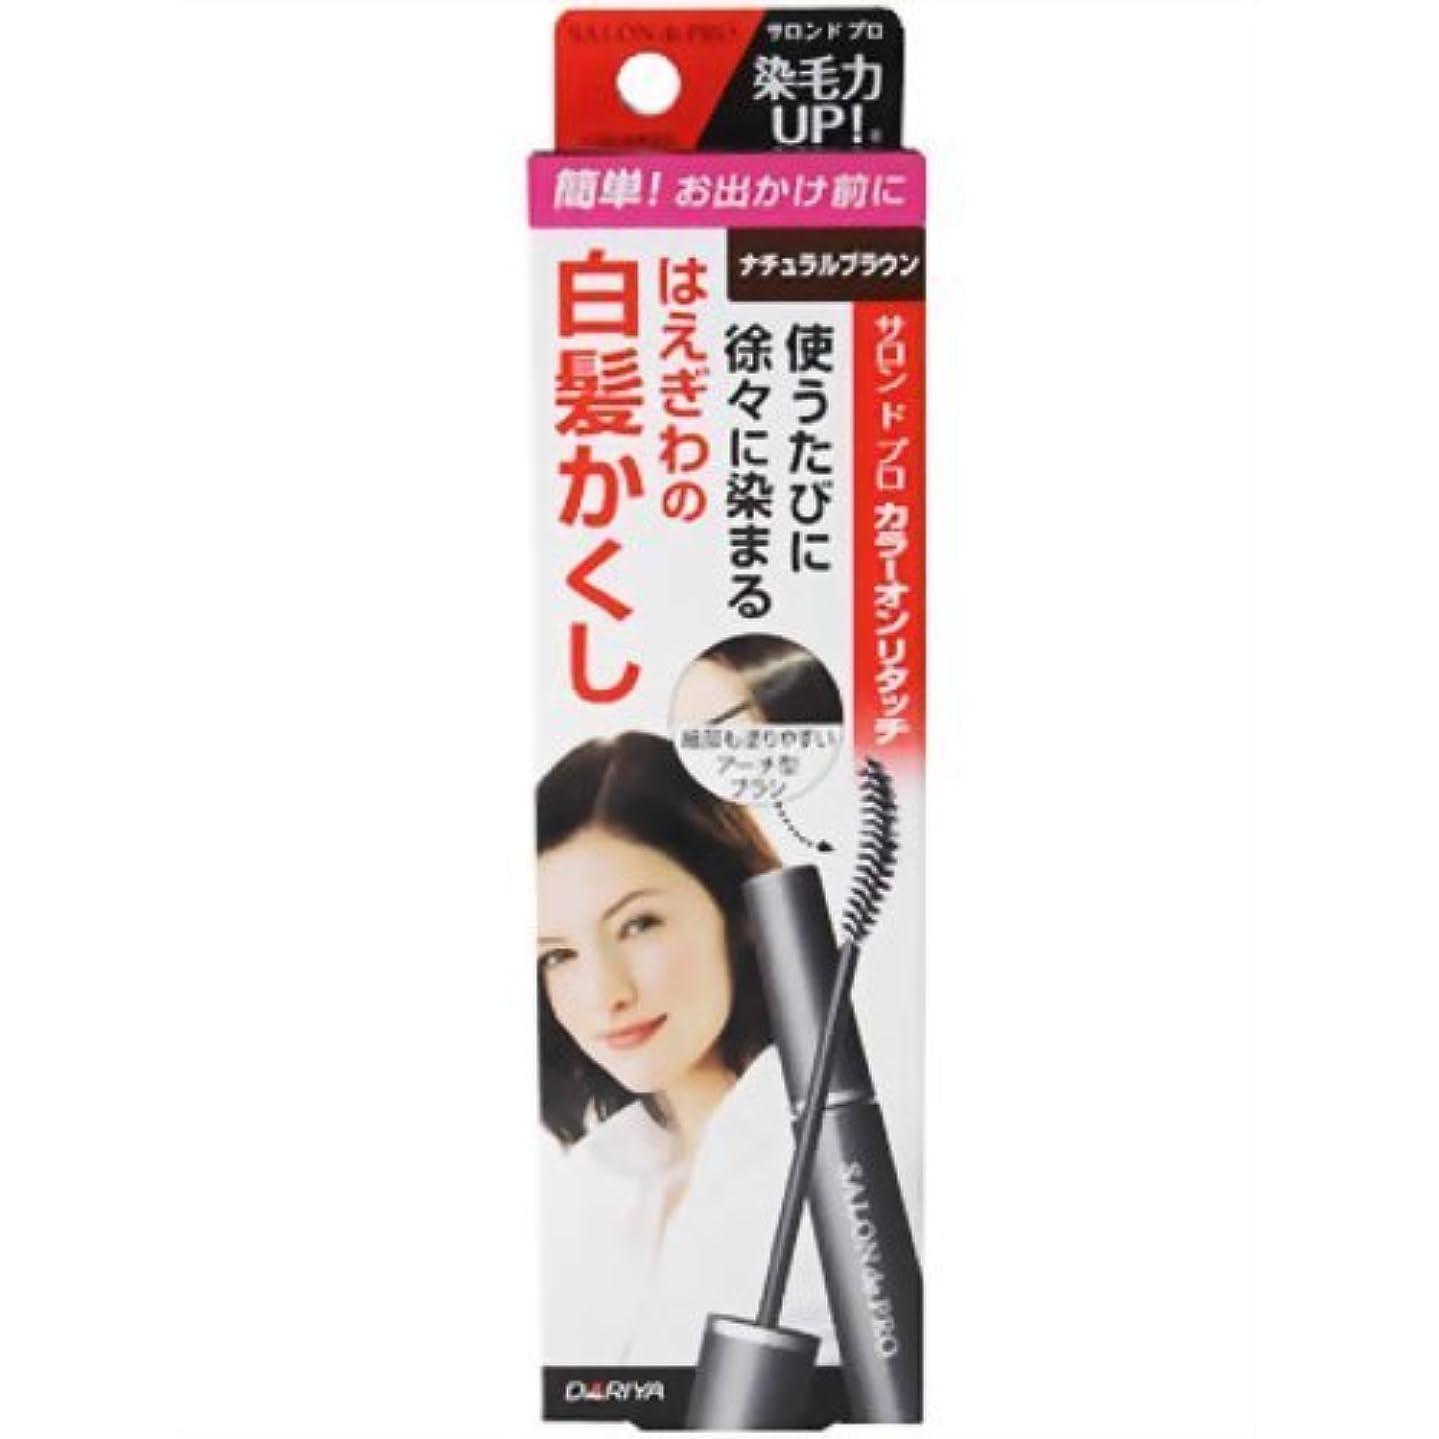 一月リース虚栄心サロンドプロカラーオンリタッチ白髪かくし ナチュラルブラウン           15ML × 5個セット